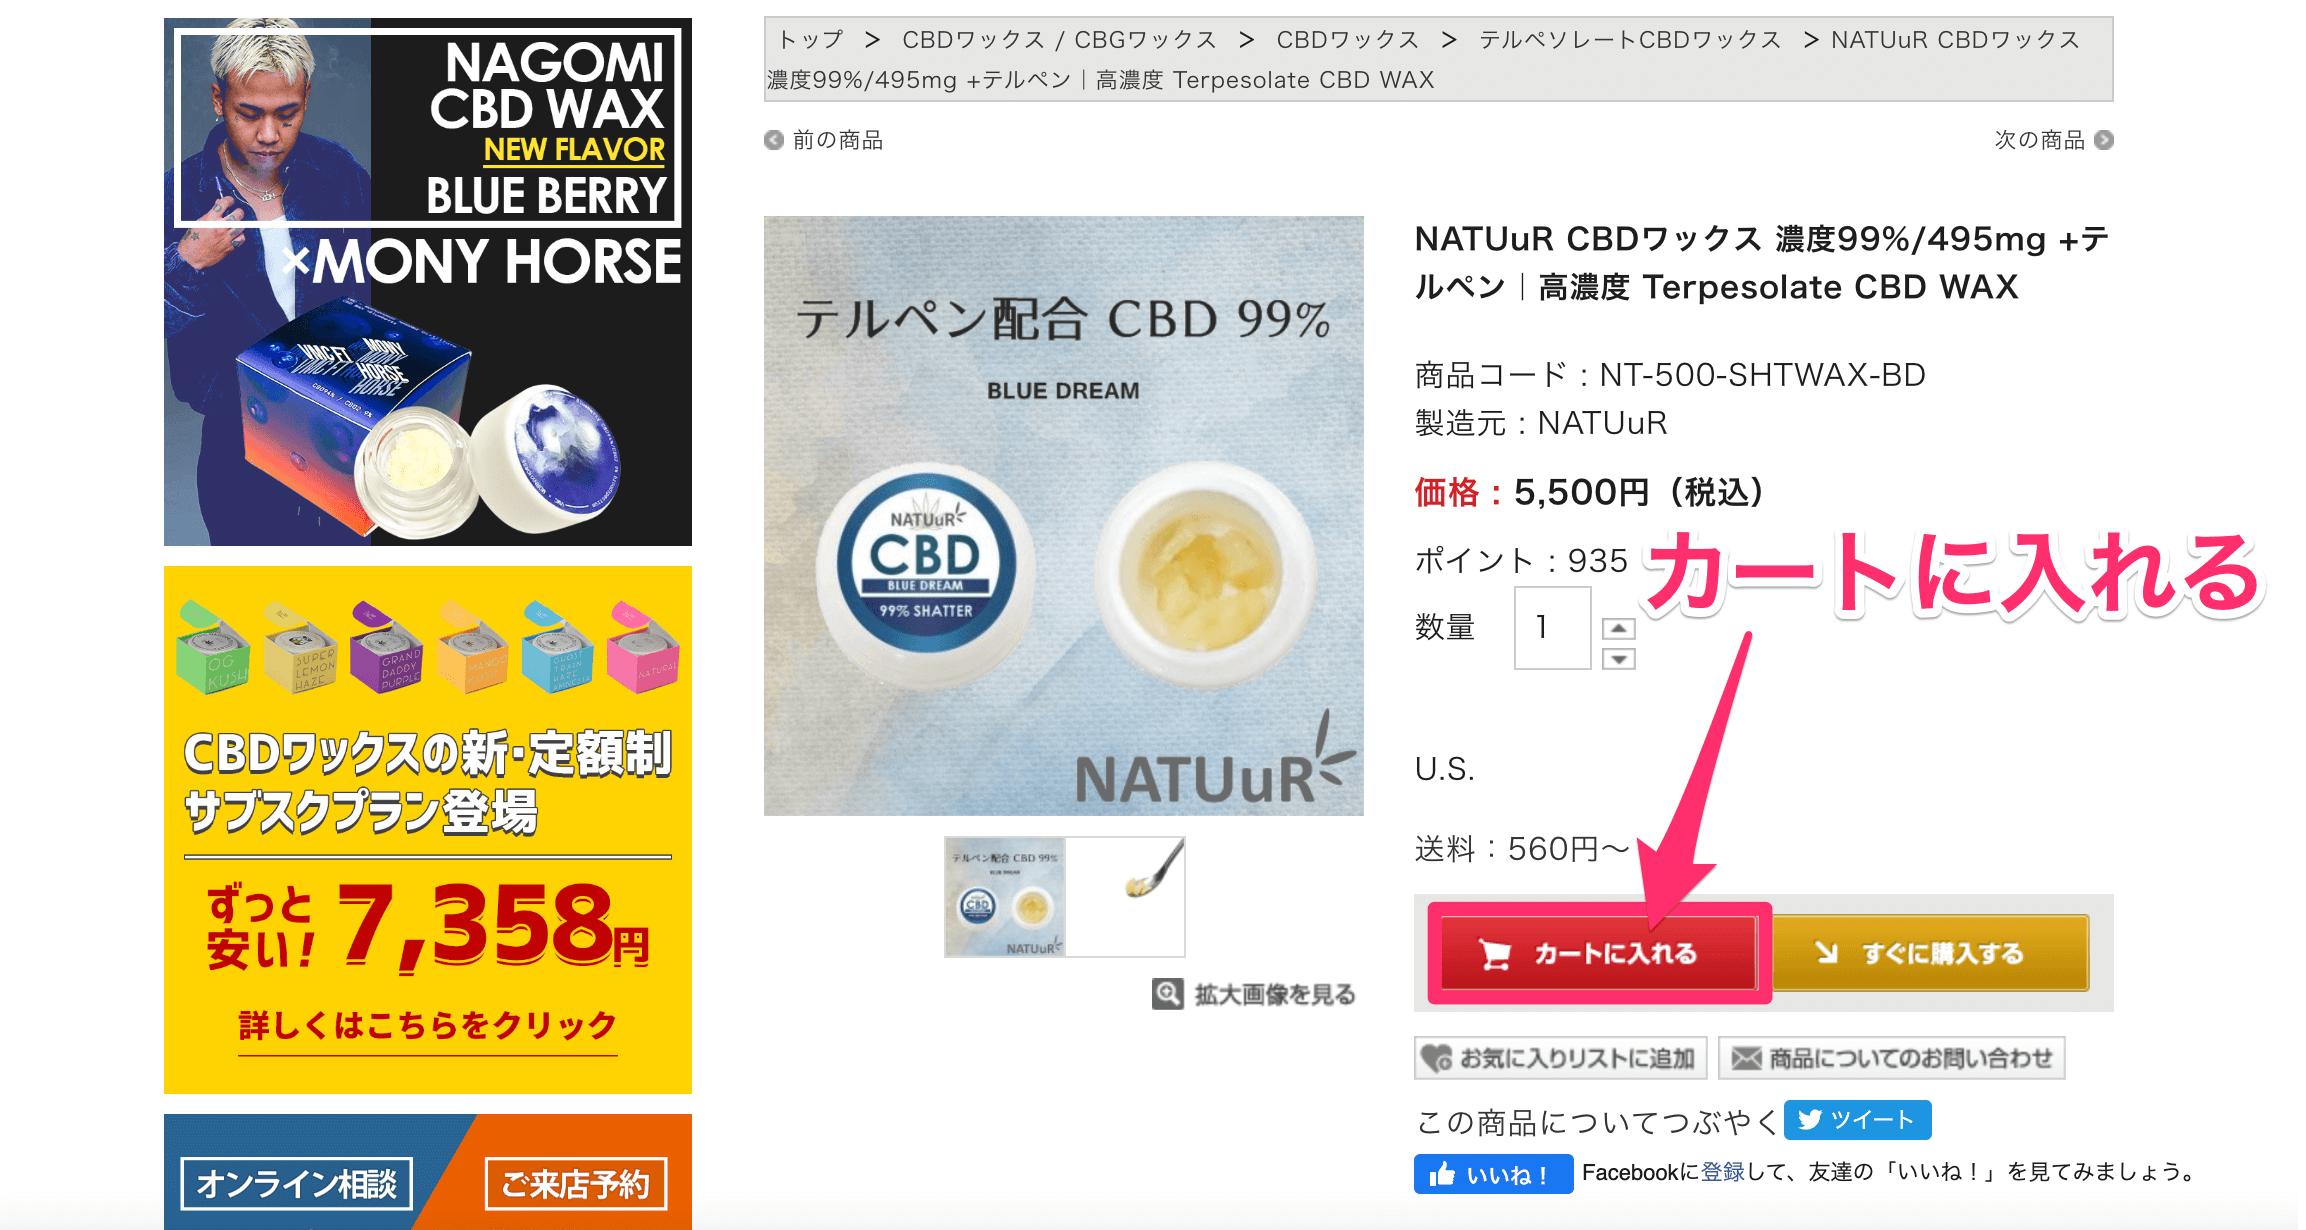 販売ページへアクセス